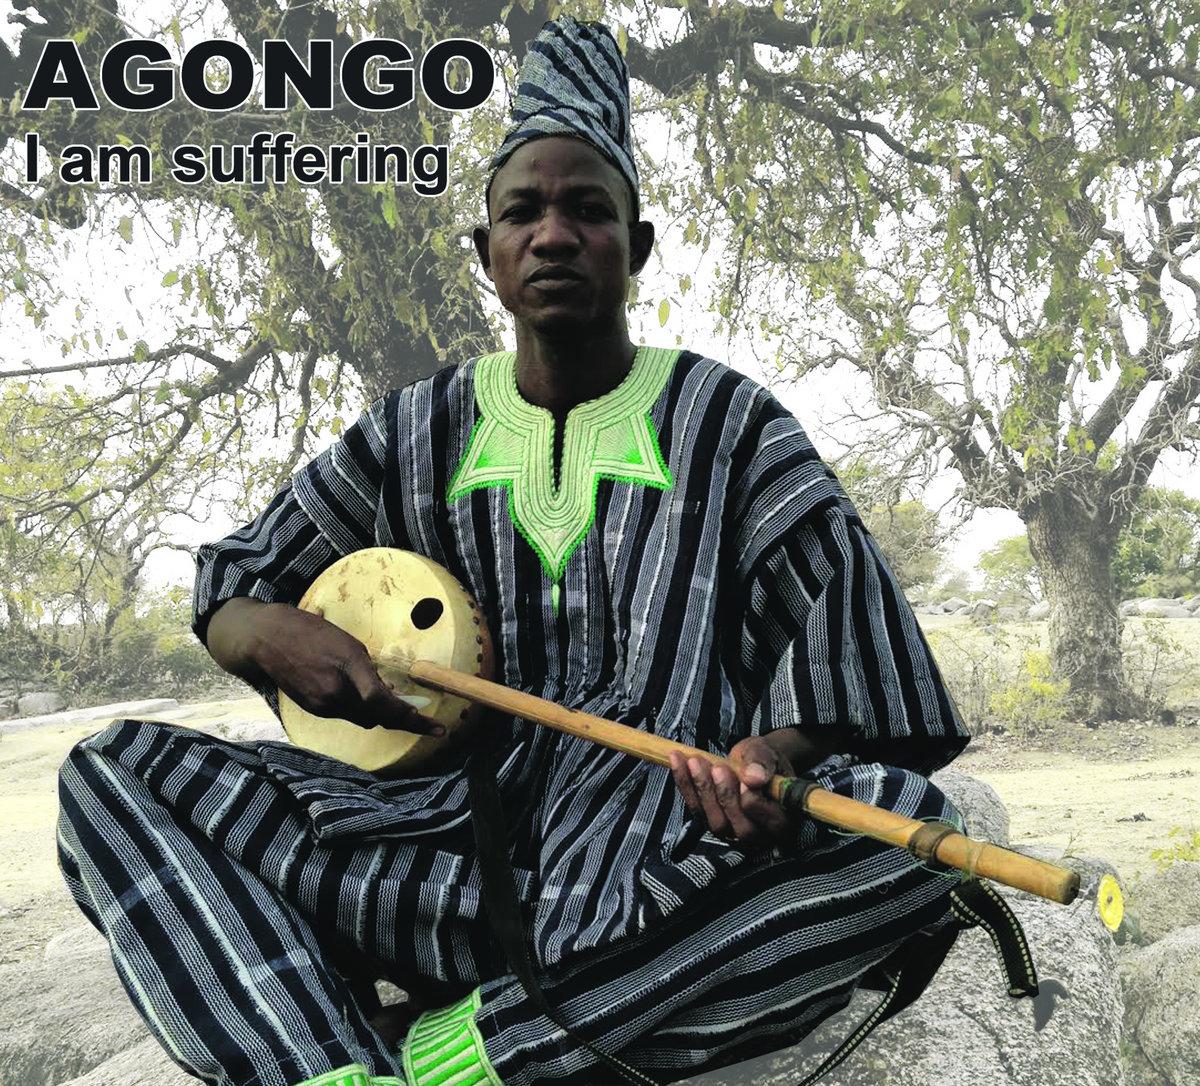 Agongo